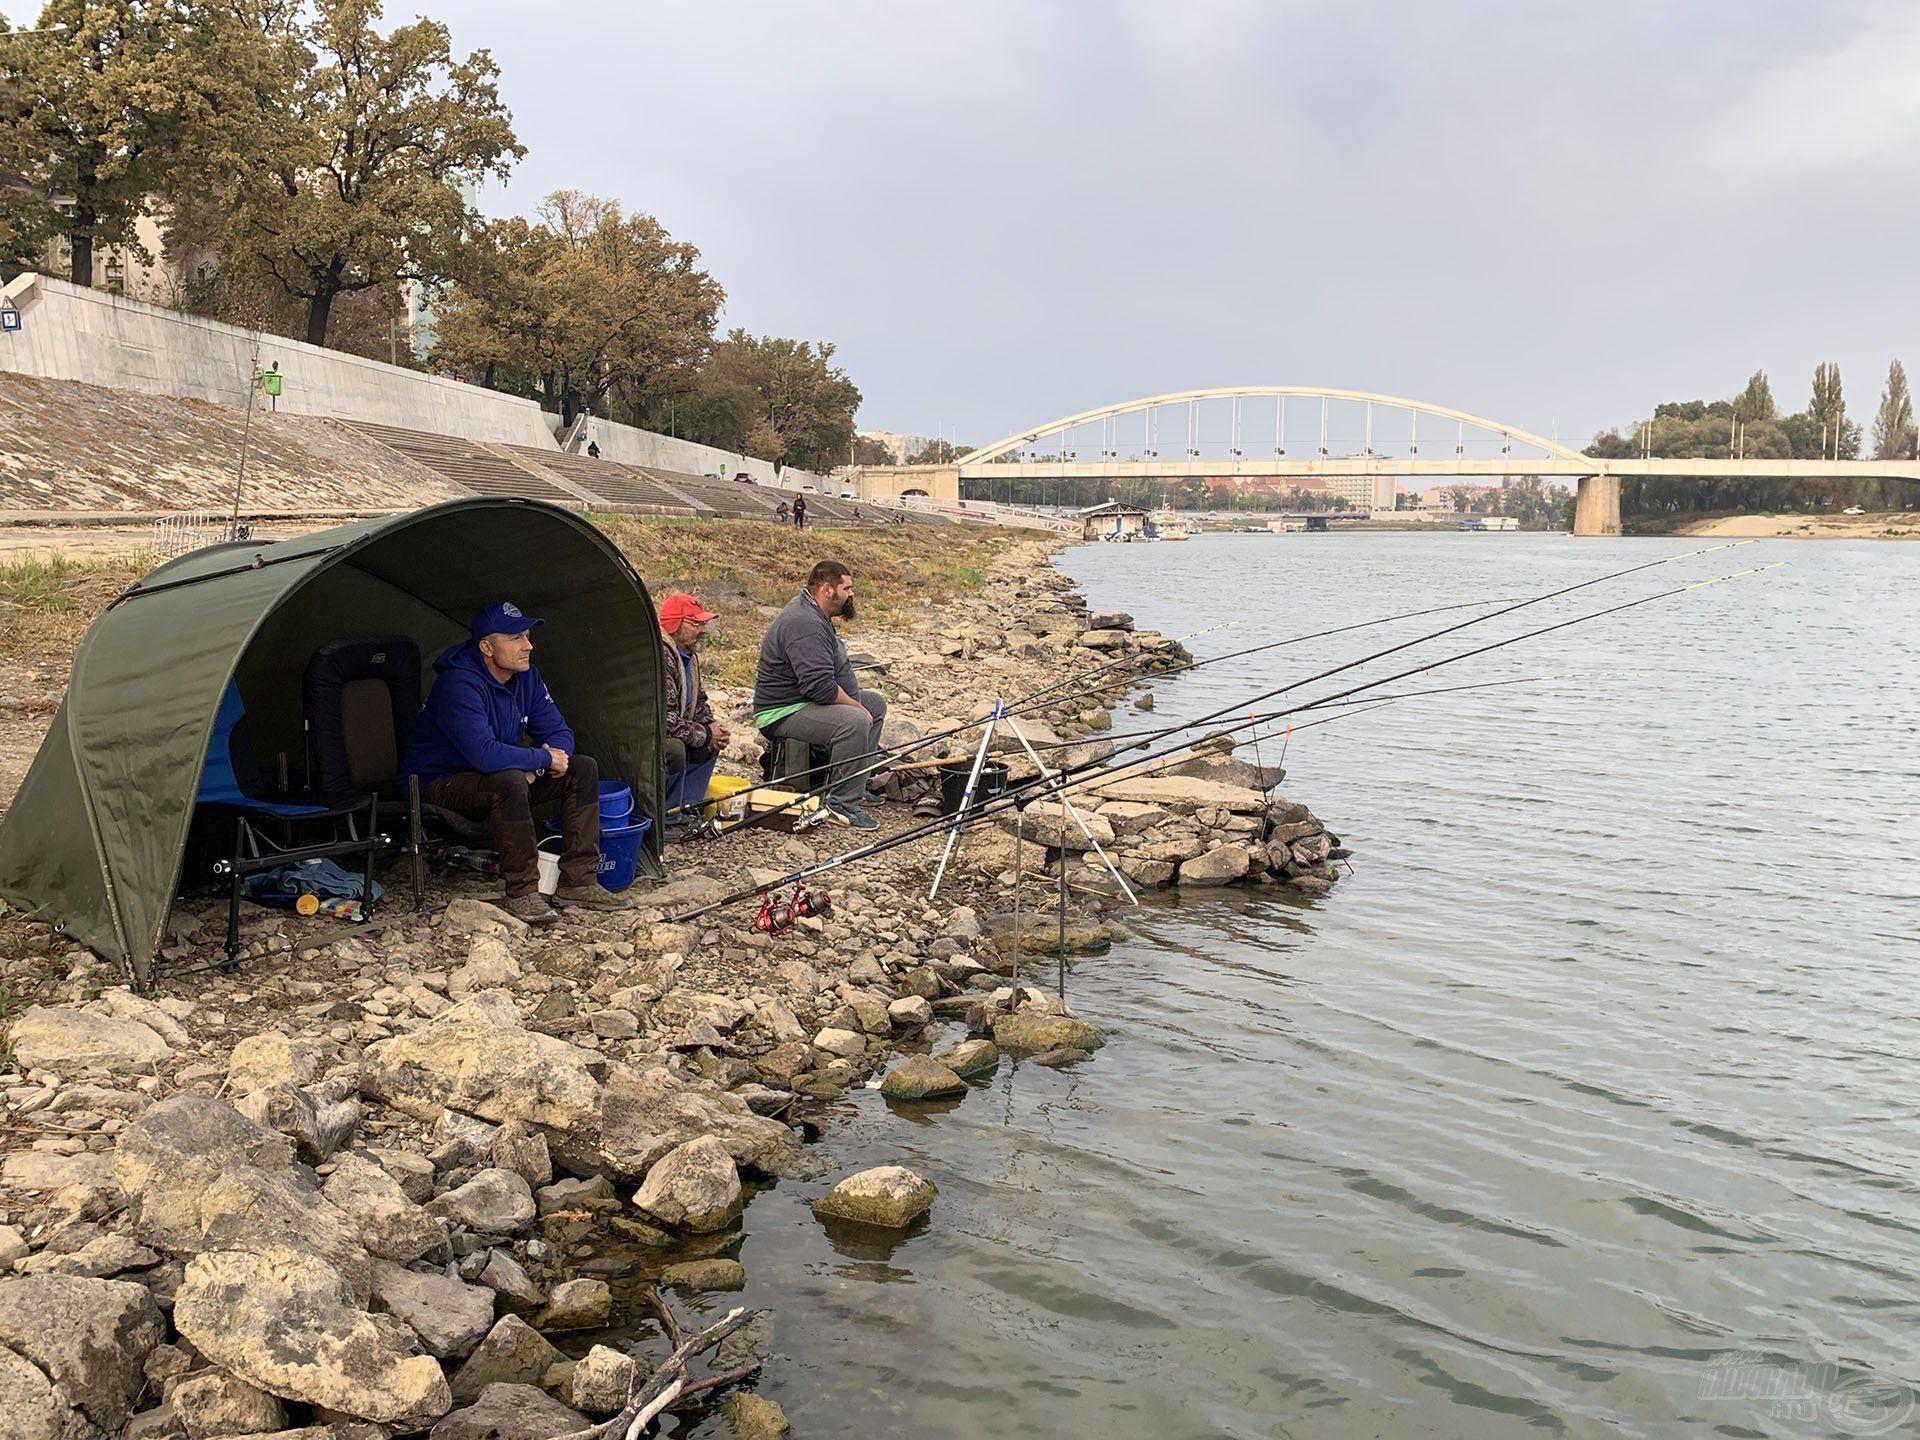 Már késő délután megkezdtem a horgászatot új horgászbarátaimmal a szegedi Tisza-parton